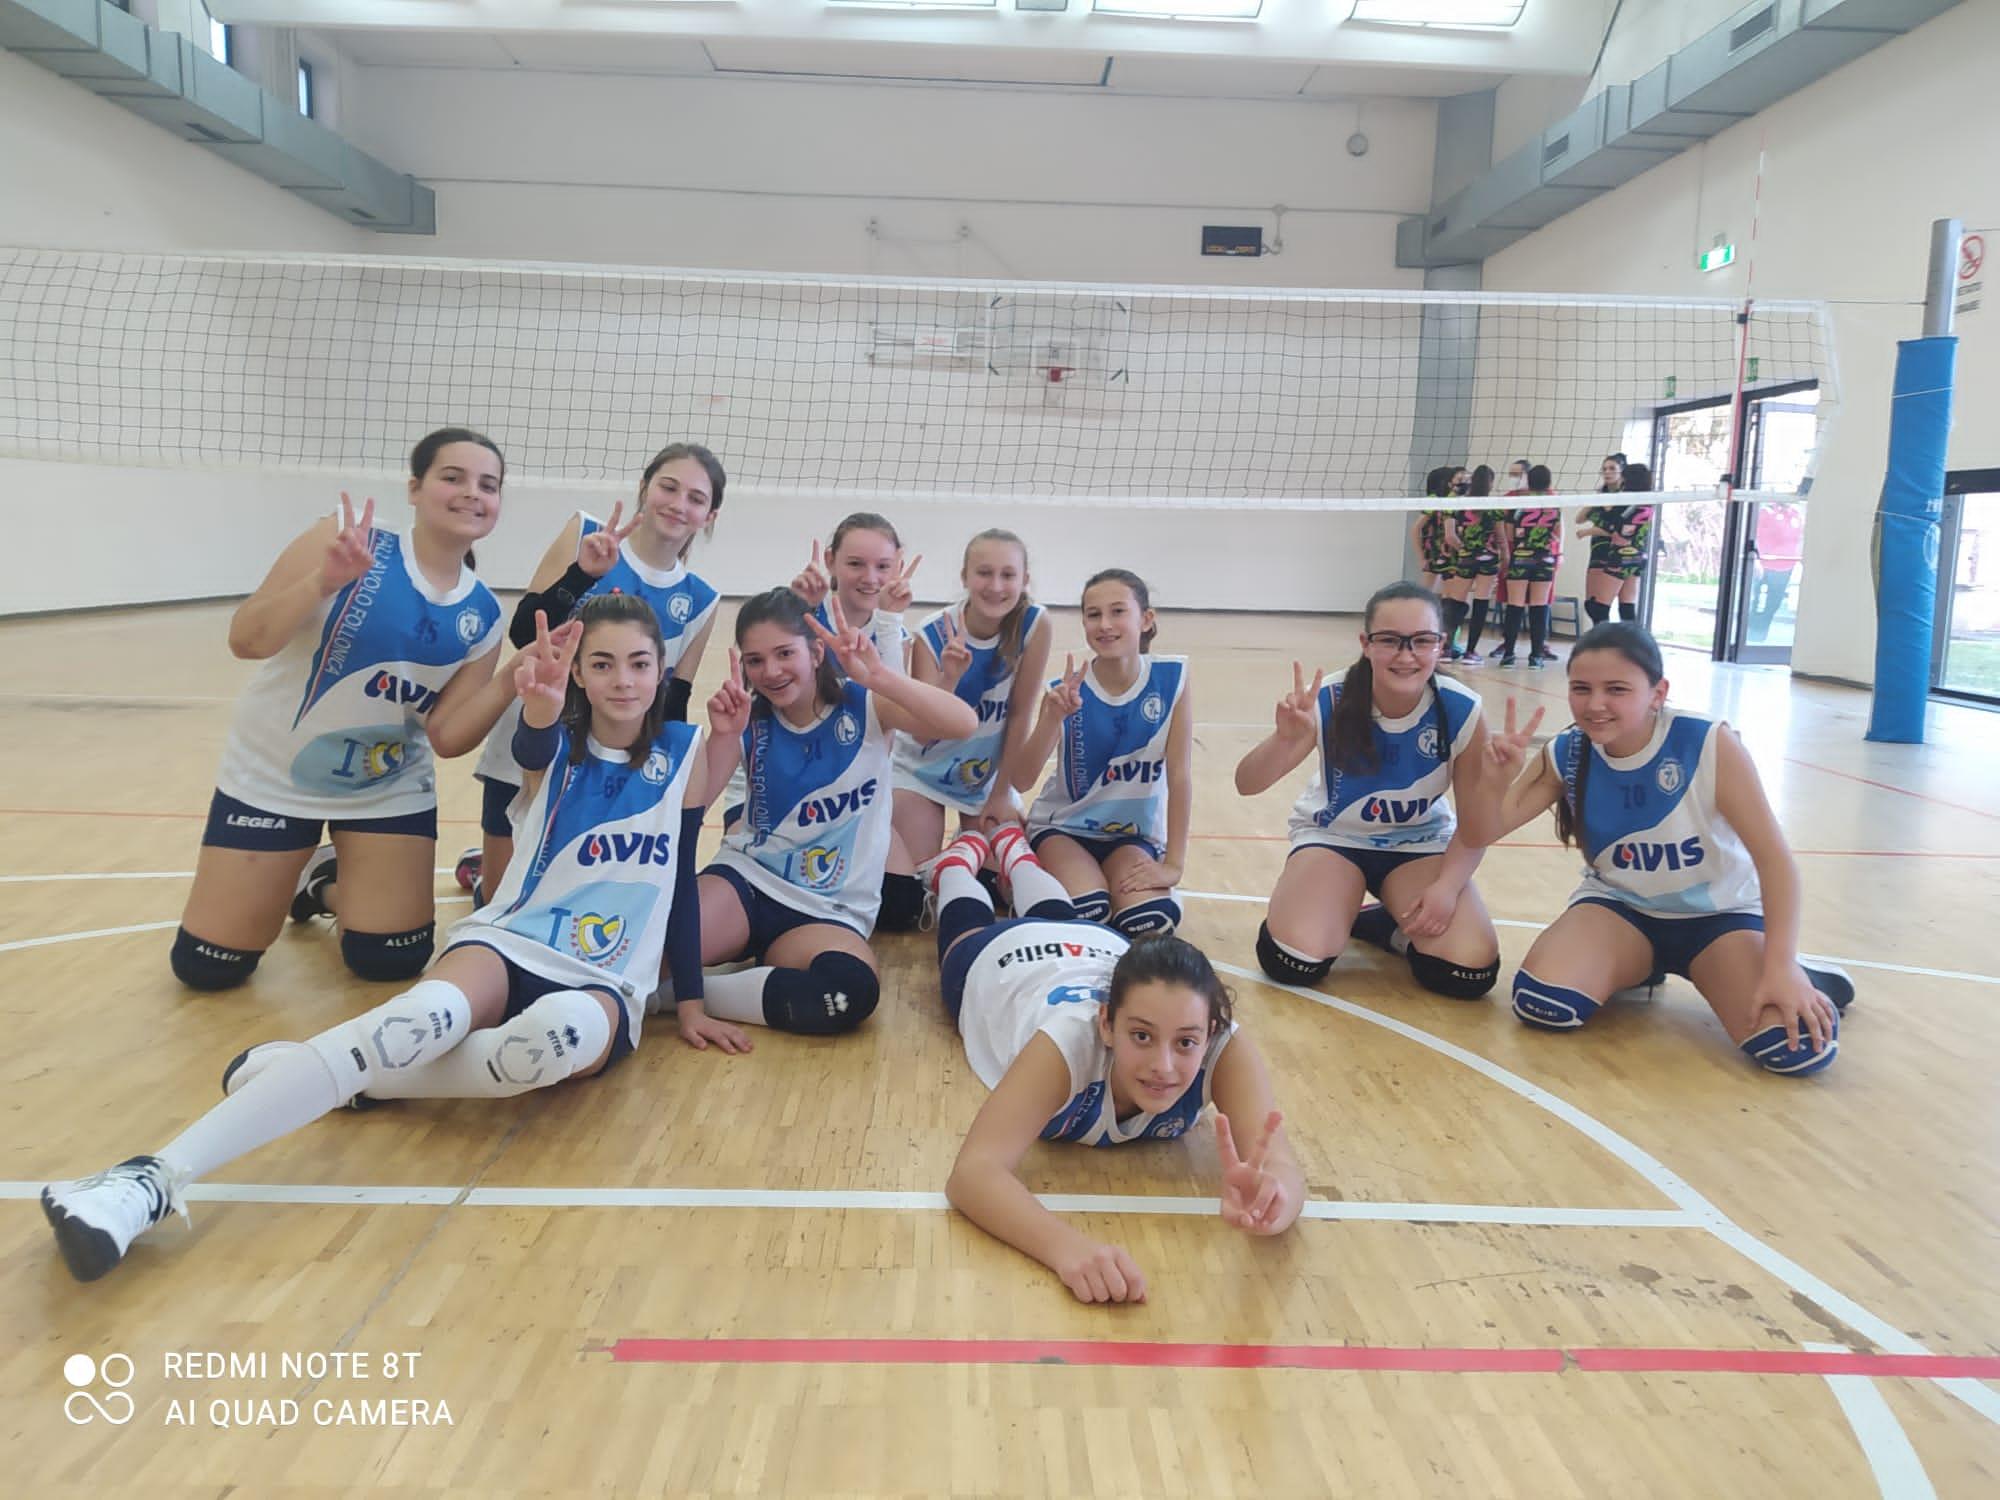 pallavolo-follonica-squadra-under-13-festeggia-il-successo